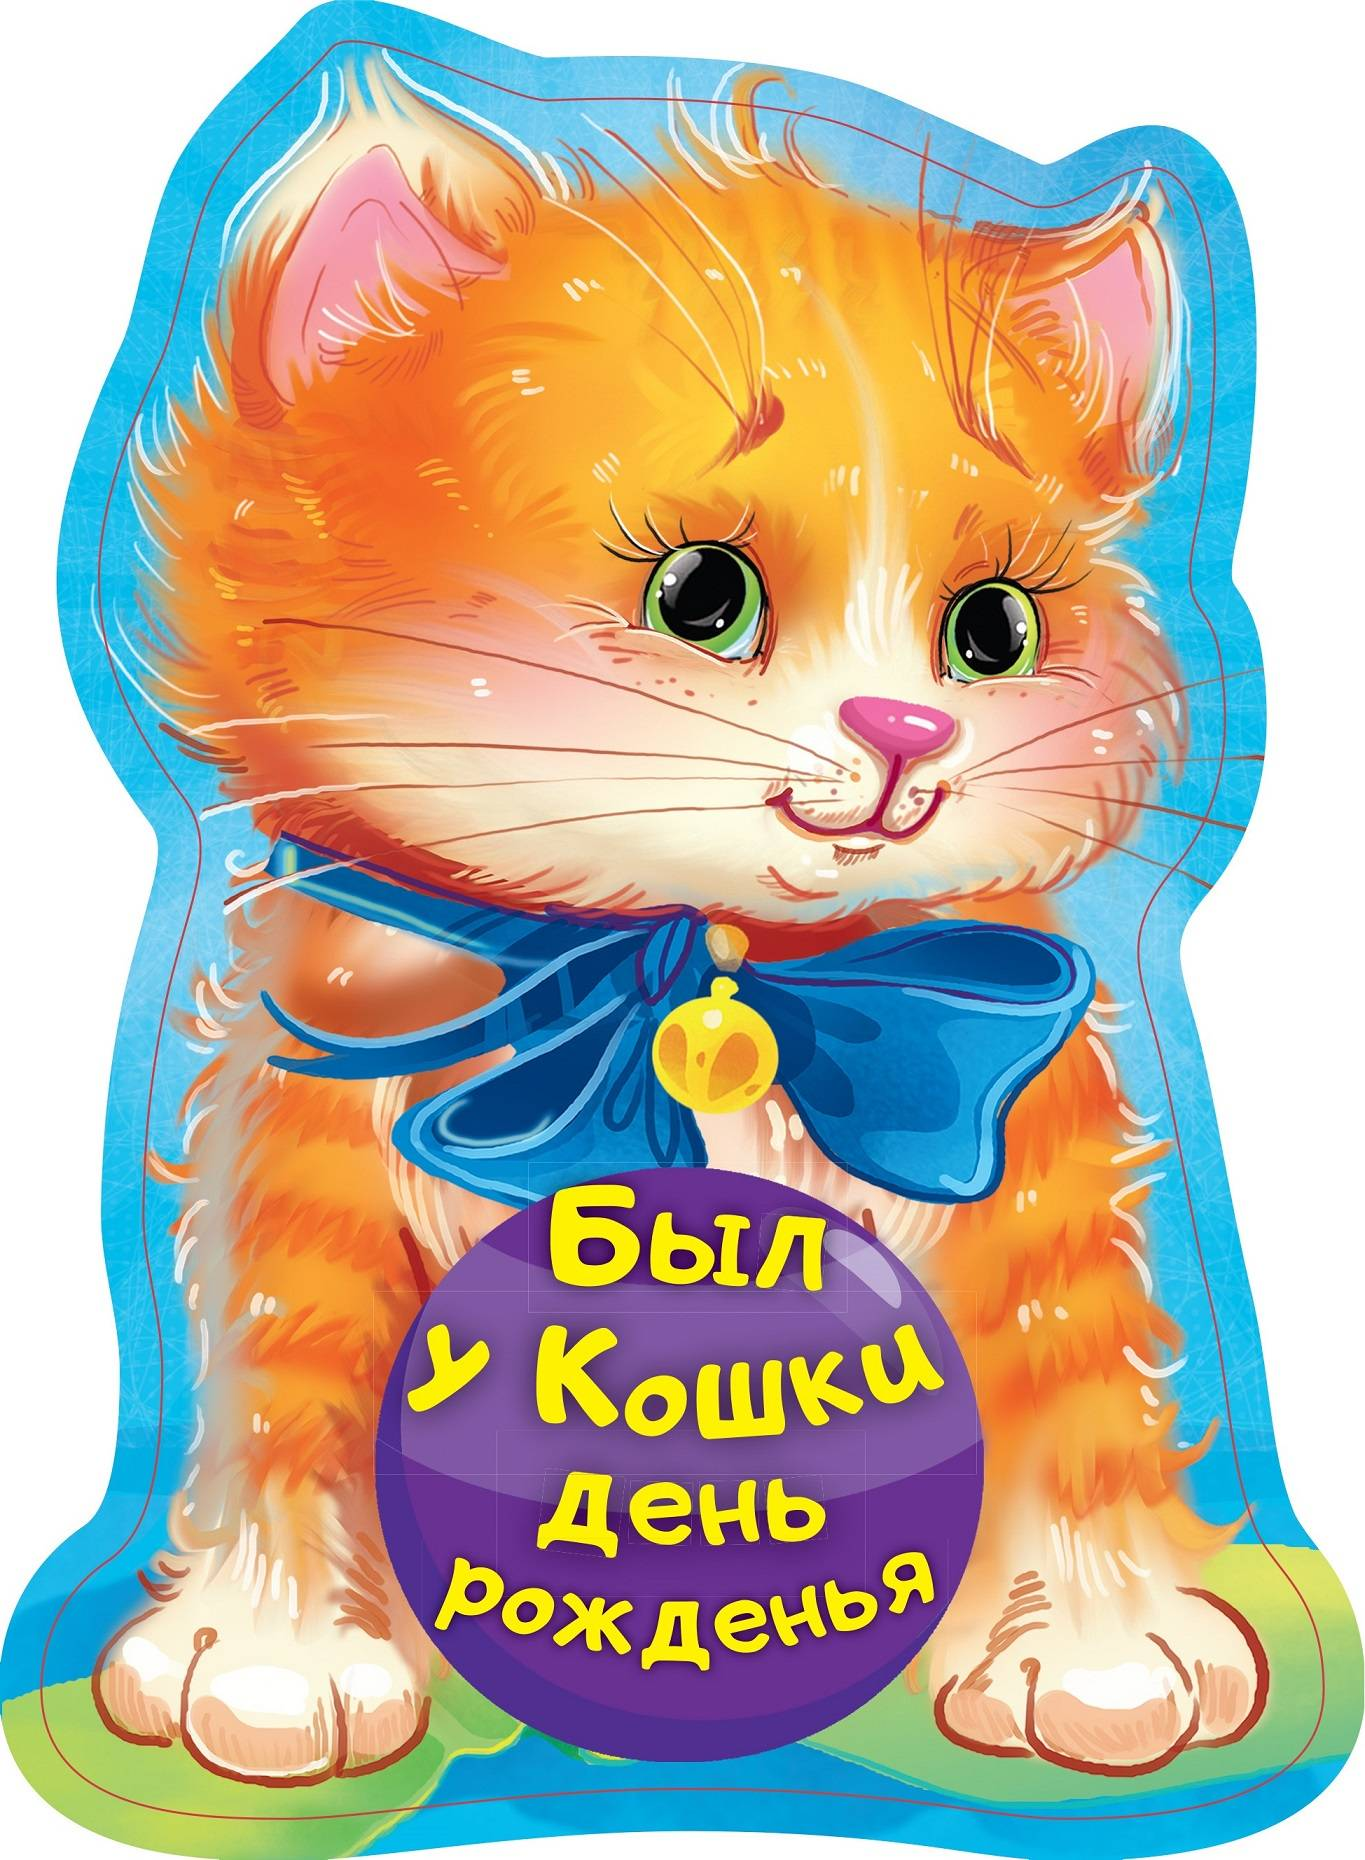 Н. Пикулева Был у кошки день рожденья издательство аст стихи и загадки был у кошки день рожденья